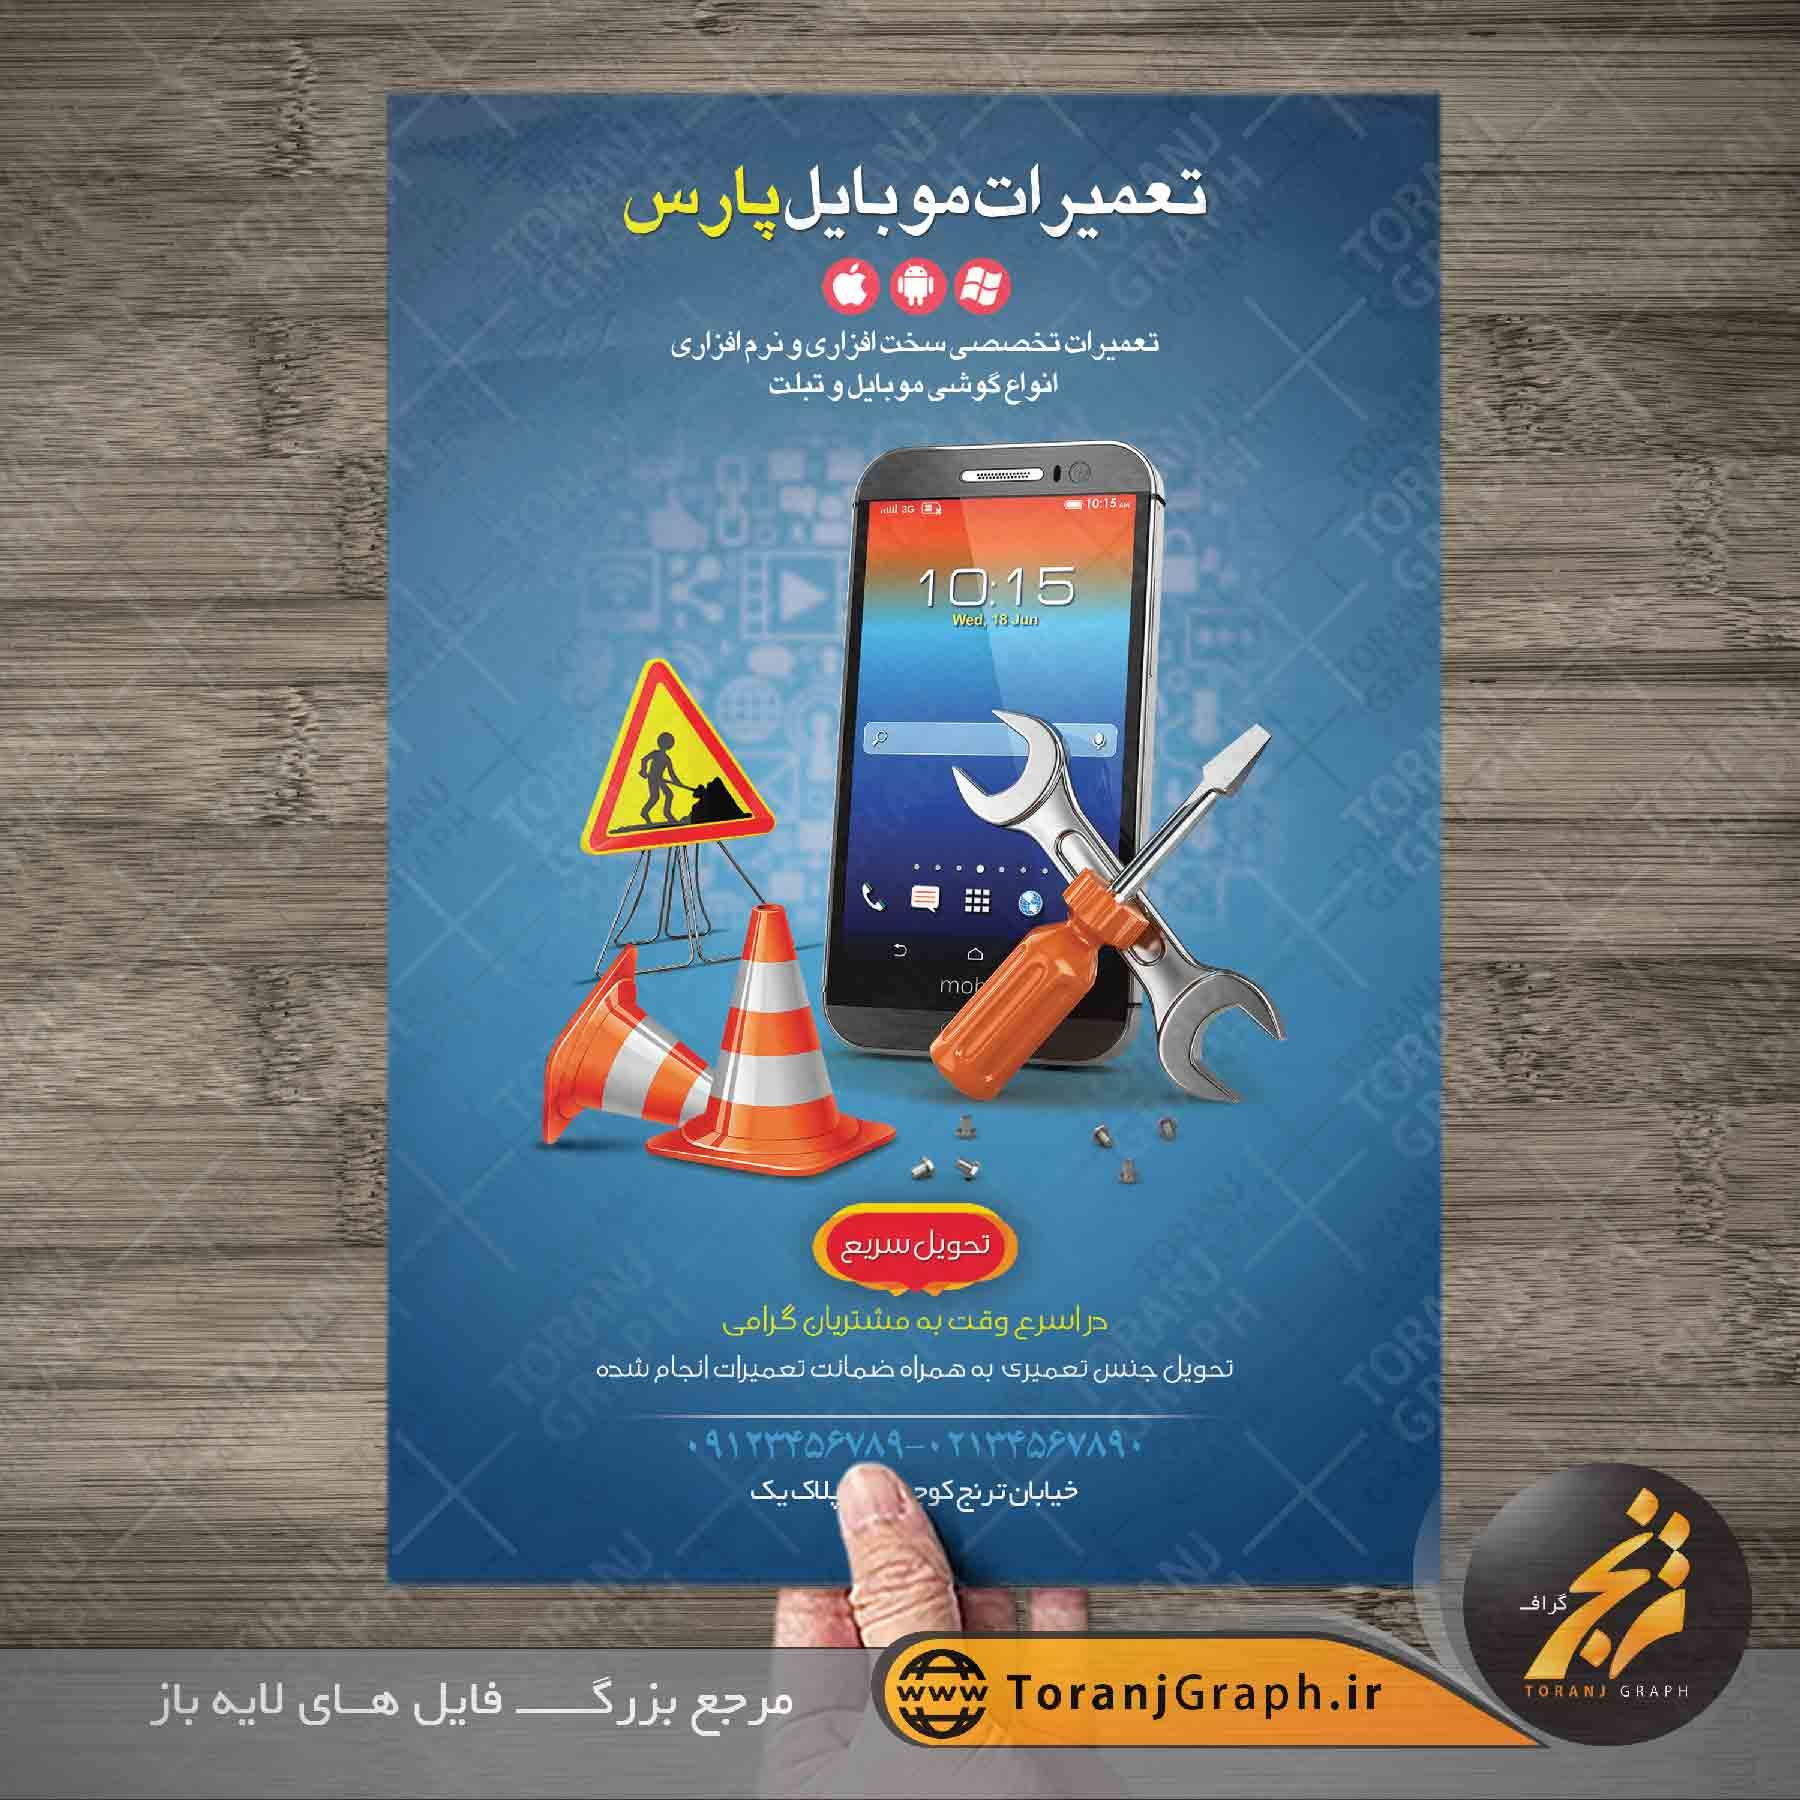 تراکت تعمیرات موبایل